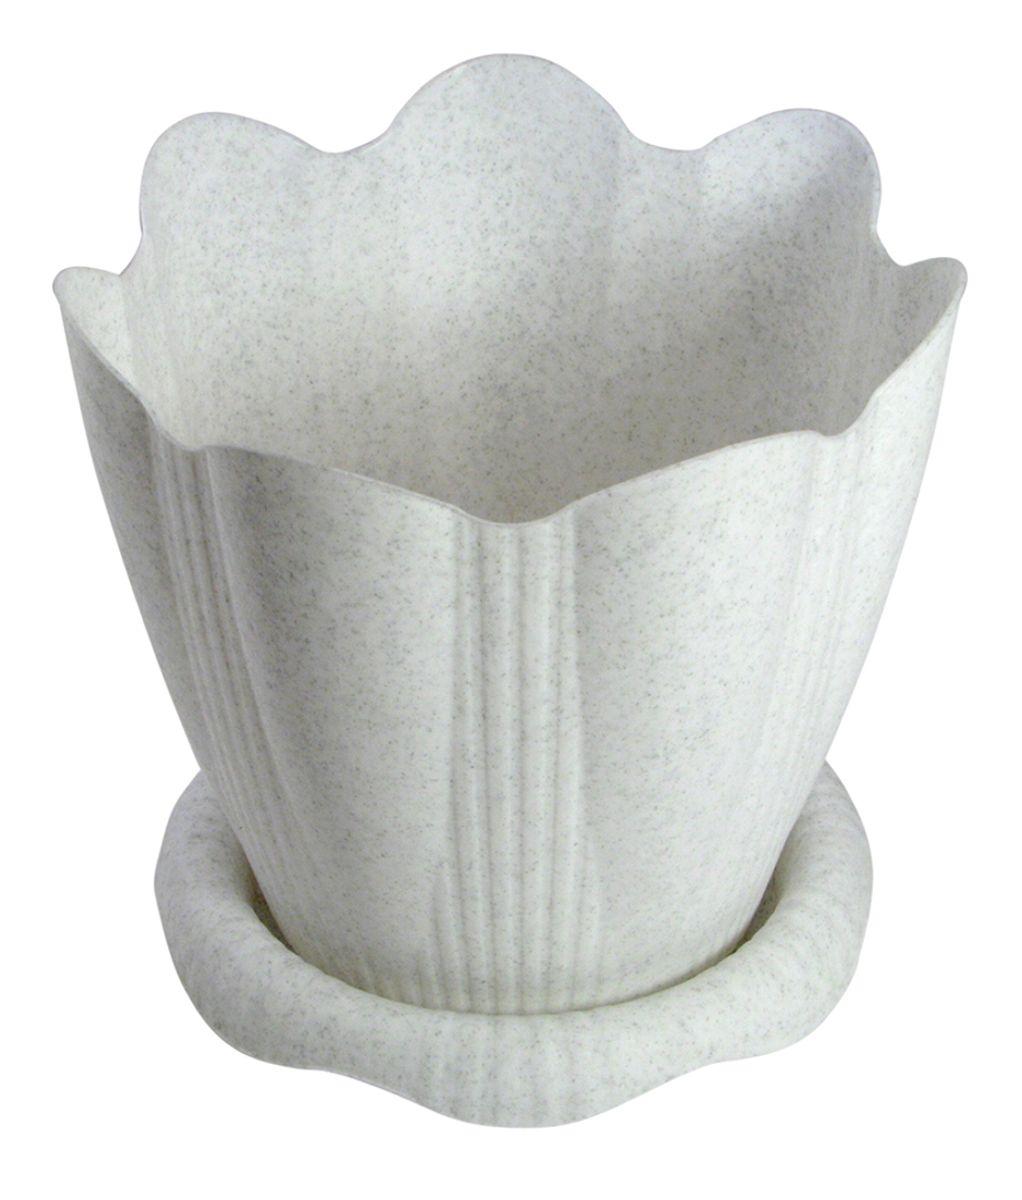 Горшок для цветов Martika Эдельвейс, с поддоном, цвет: мрамор, 1,5 лMRC191MПластиковое изделие для дома, соответствующее всем необходимым санитарным нормам и стандартам качества. Изготовлено для цветоводства и растениеводства. Рекомендуется для выращивания растений дома и на приусадебных участках.